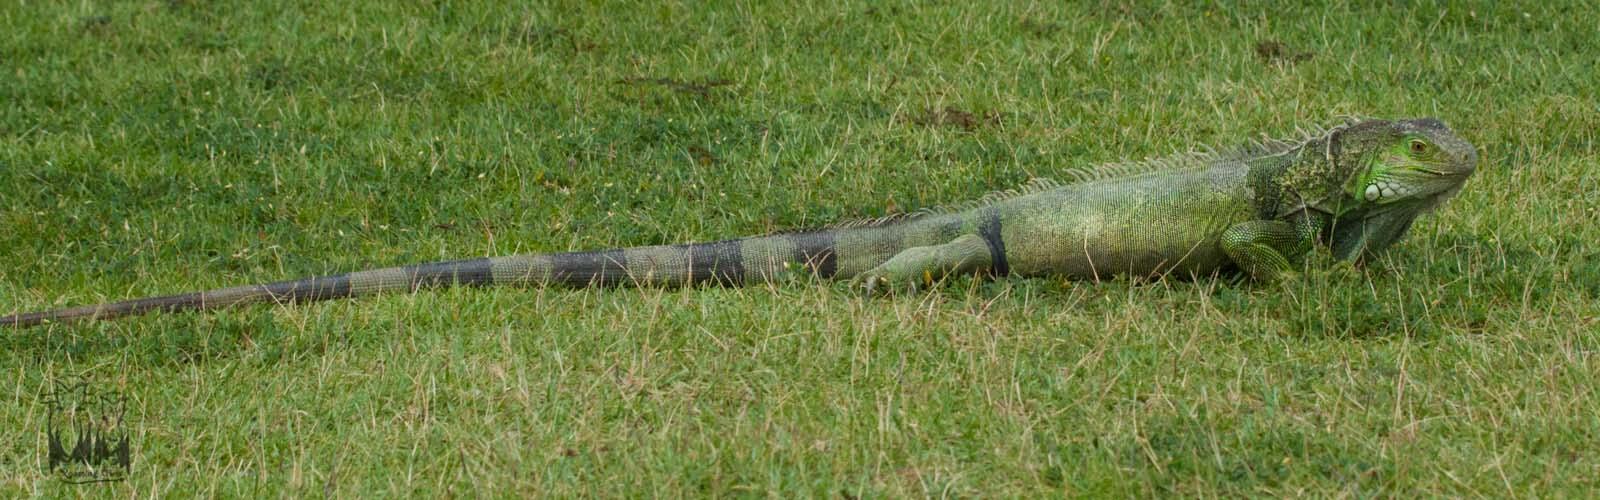 Iguana iguana,Green Iguana,Puertorico iguana fortress